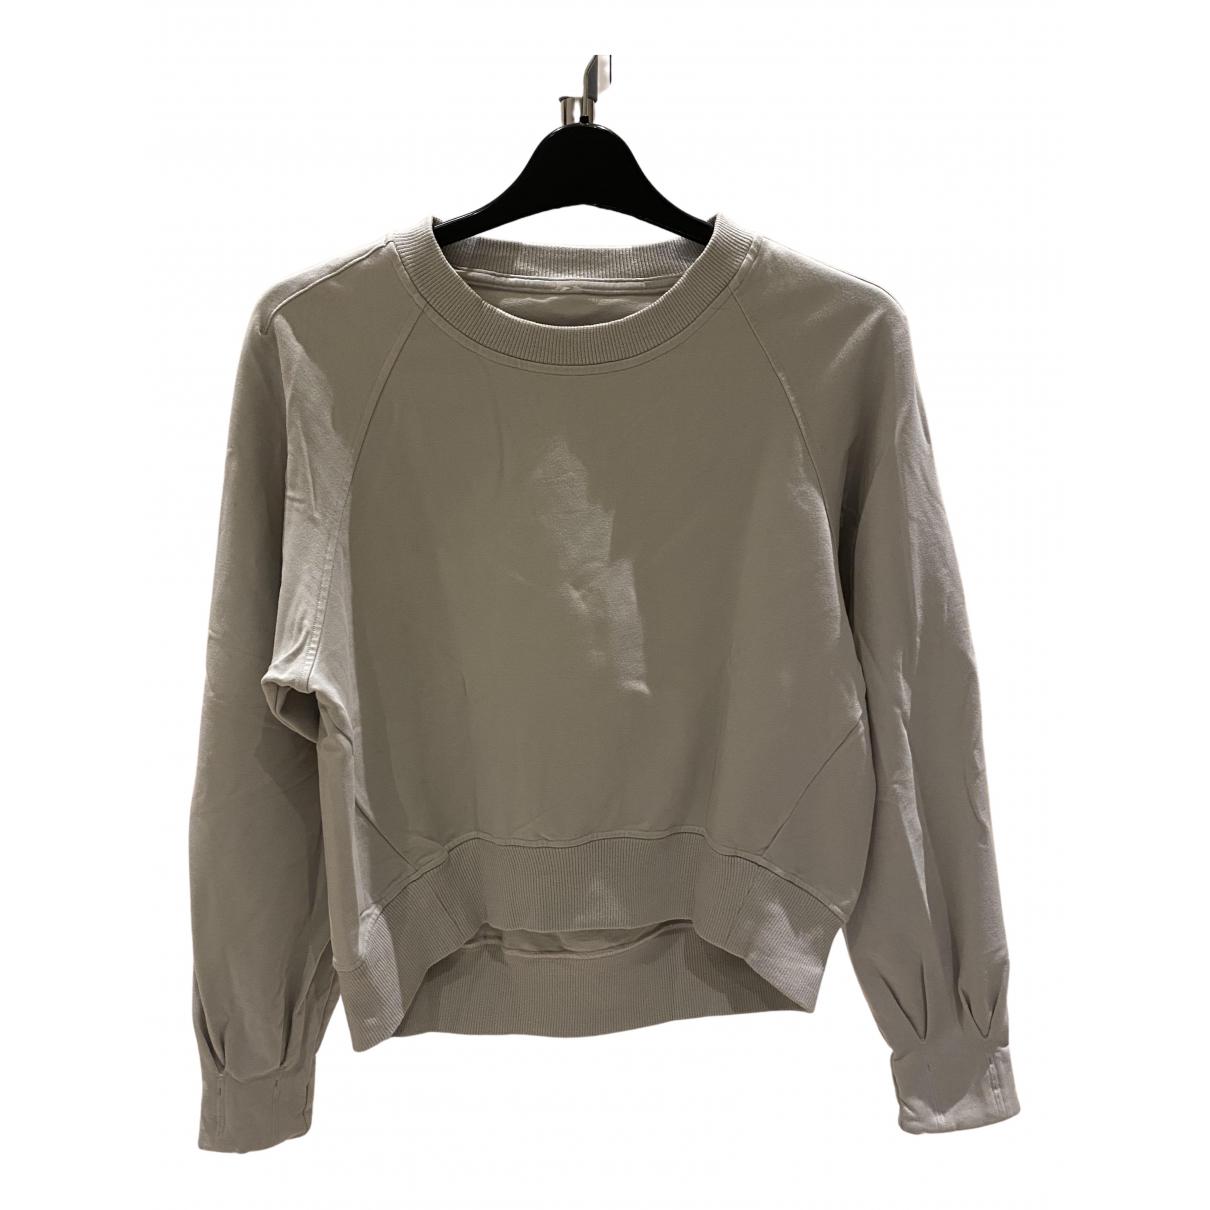 Lululemon - Pull   pour femme en coton - gris